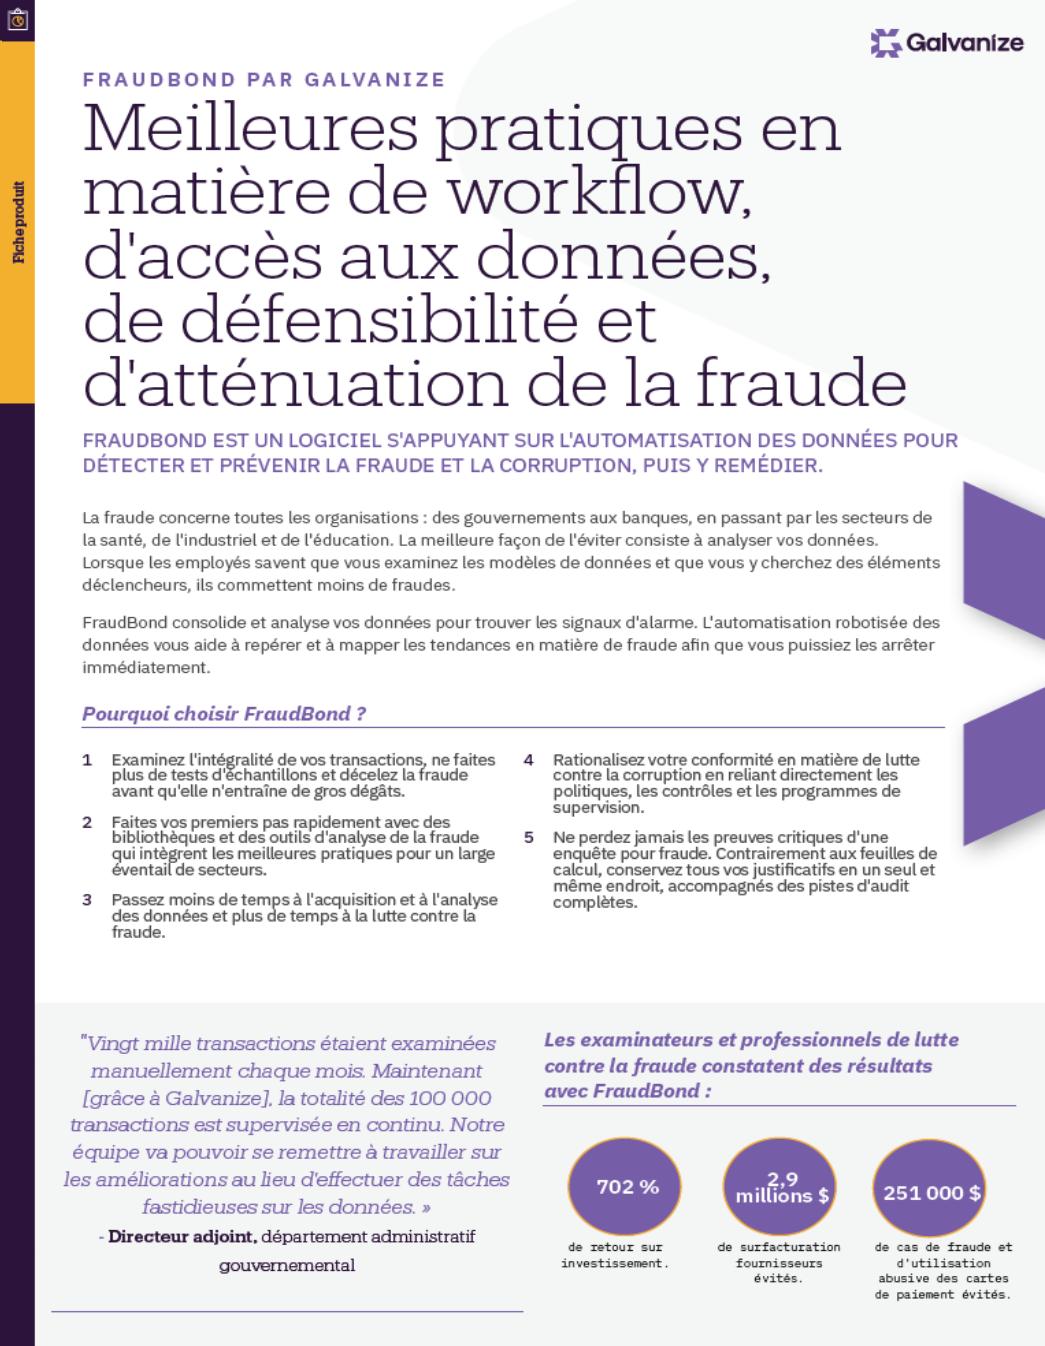 Meilleures pratiques en matière de workflow, d'accès aux données, de défensibilité et d'atténuation de la fraude